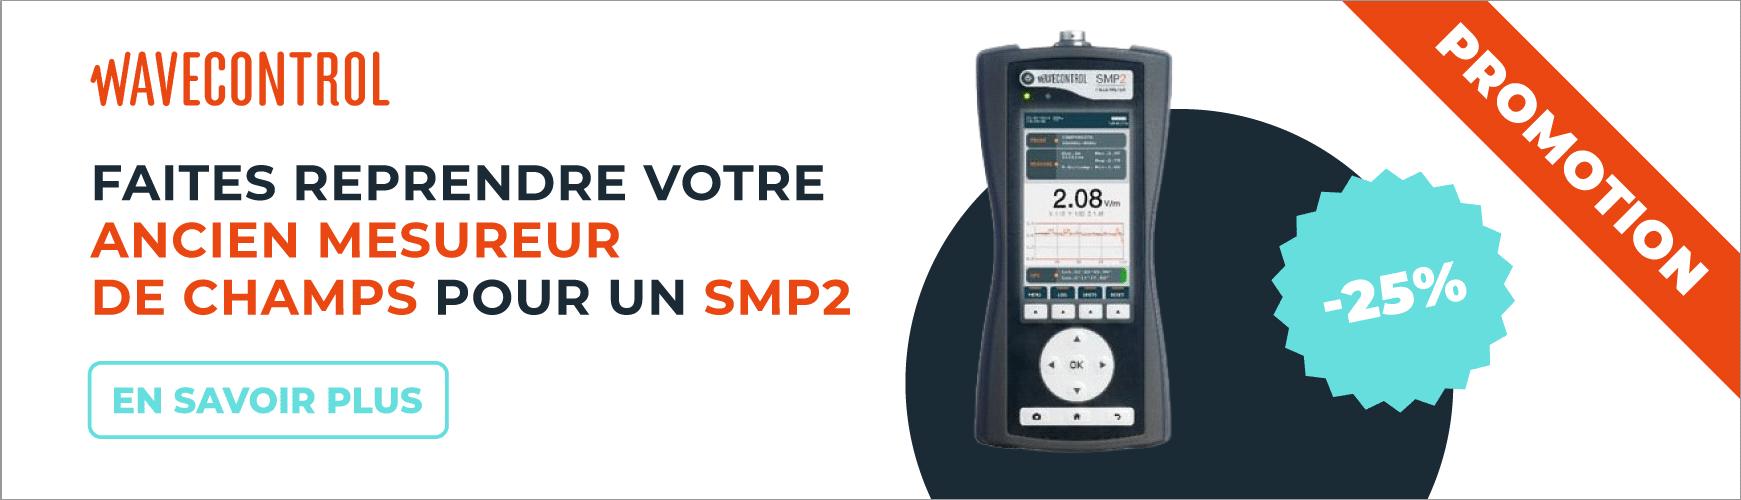 Faites reprendre votre ancien mesureur de champs EMF pour un SMP2